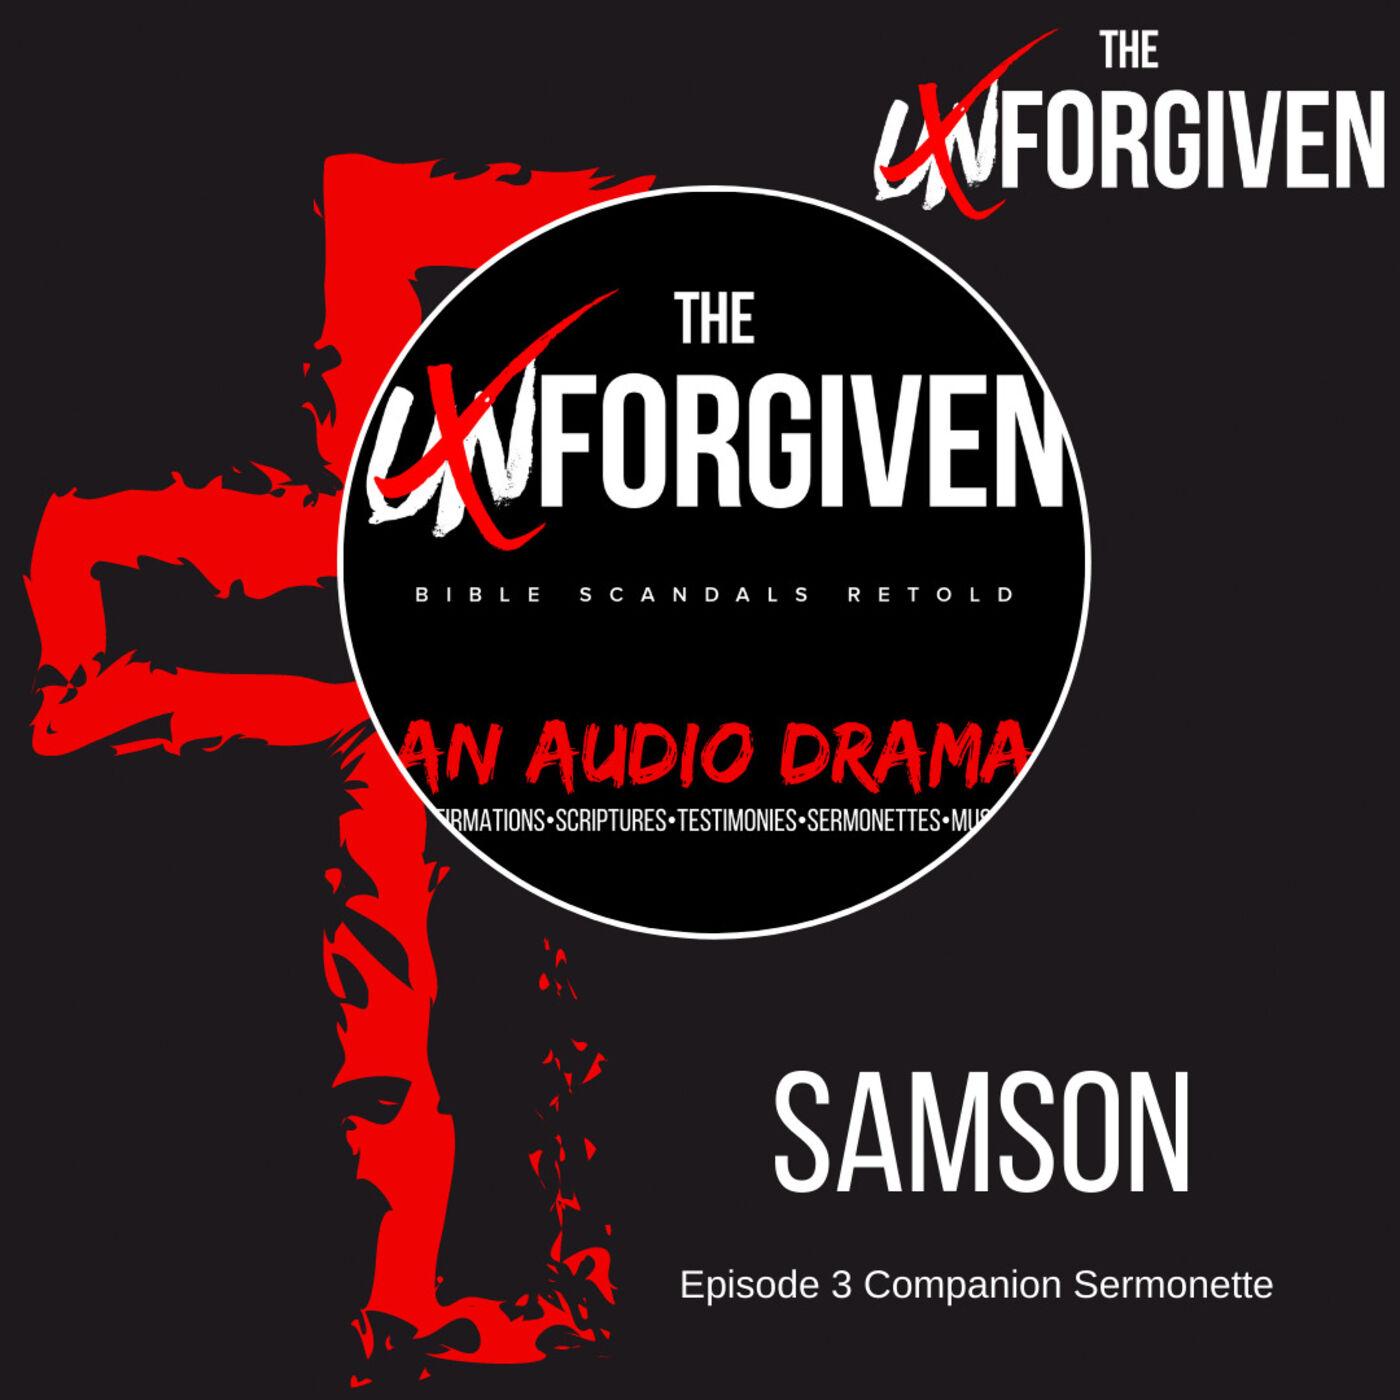 Samson - Episode 3 Companion Sermonette